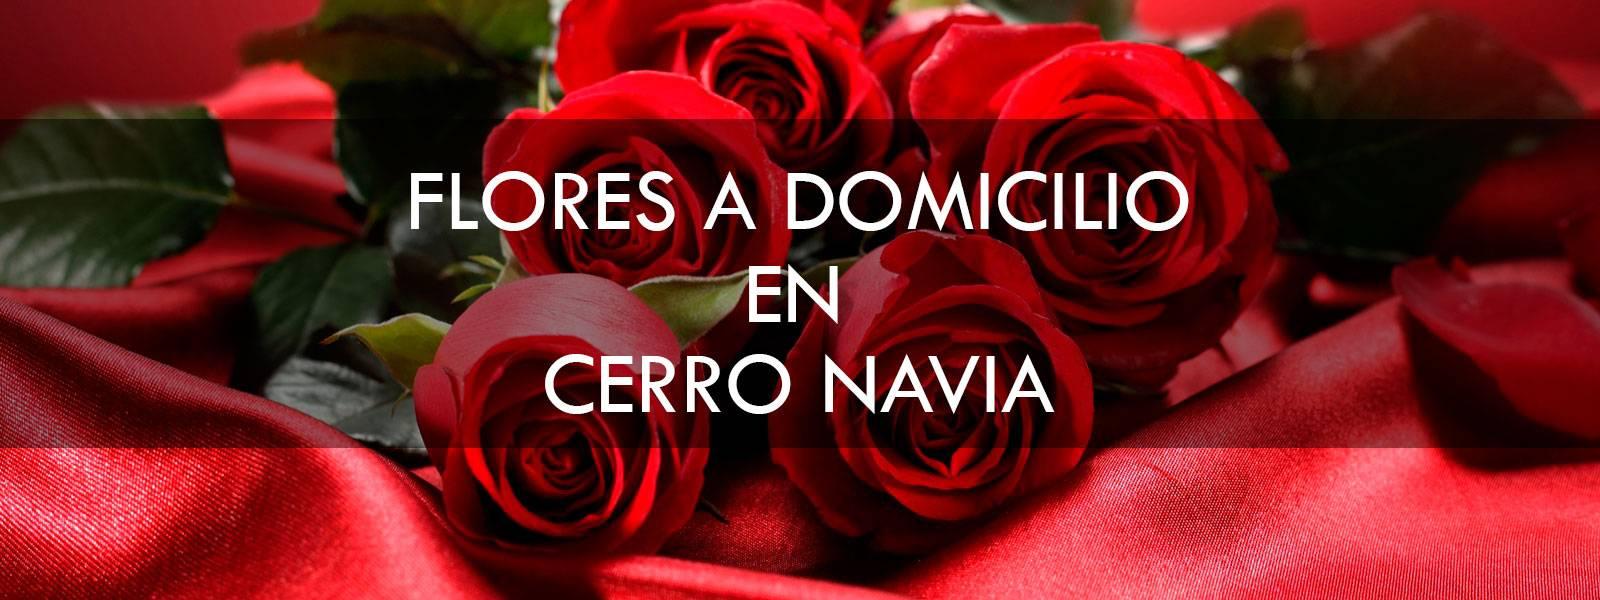 Flores a domicilio en Cerro Navia